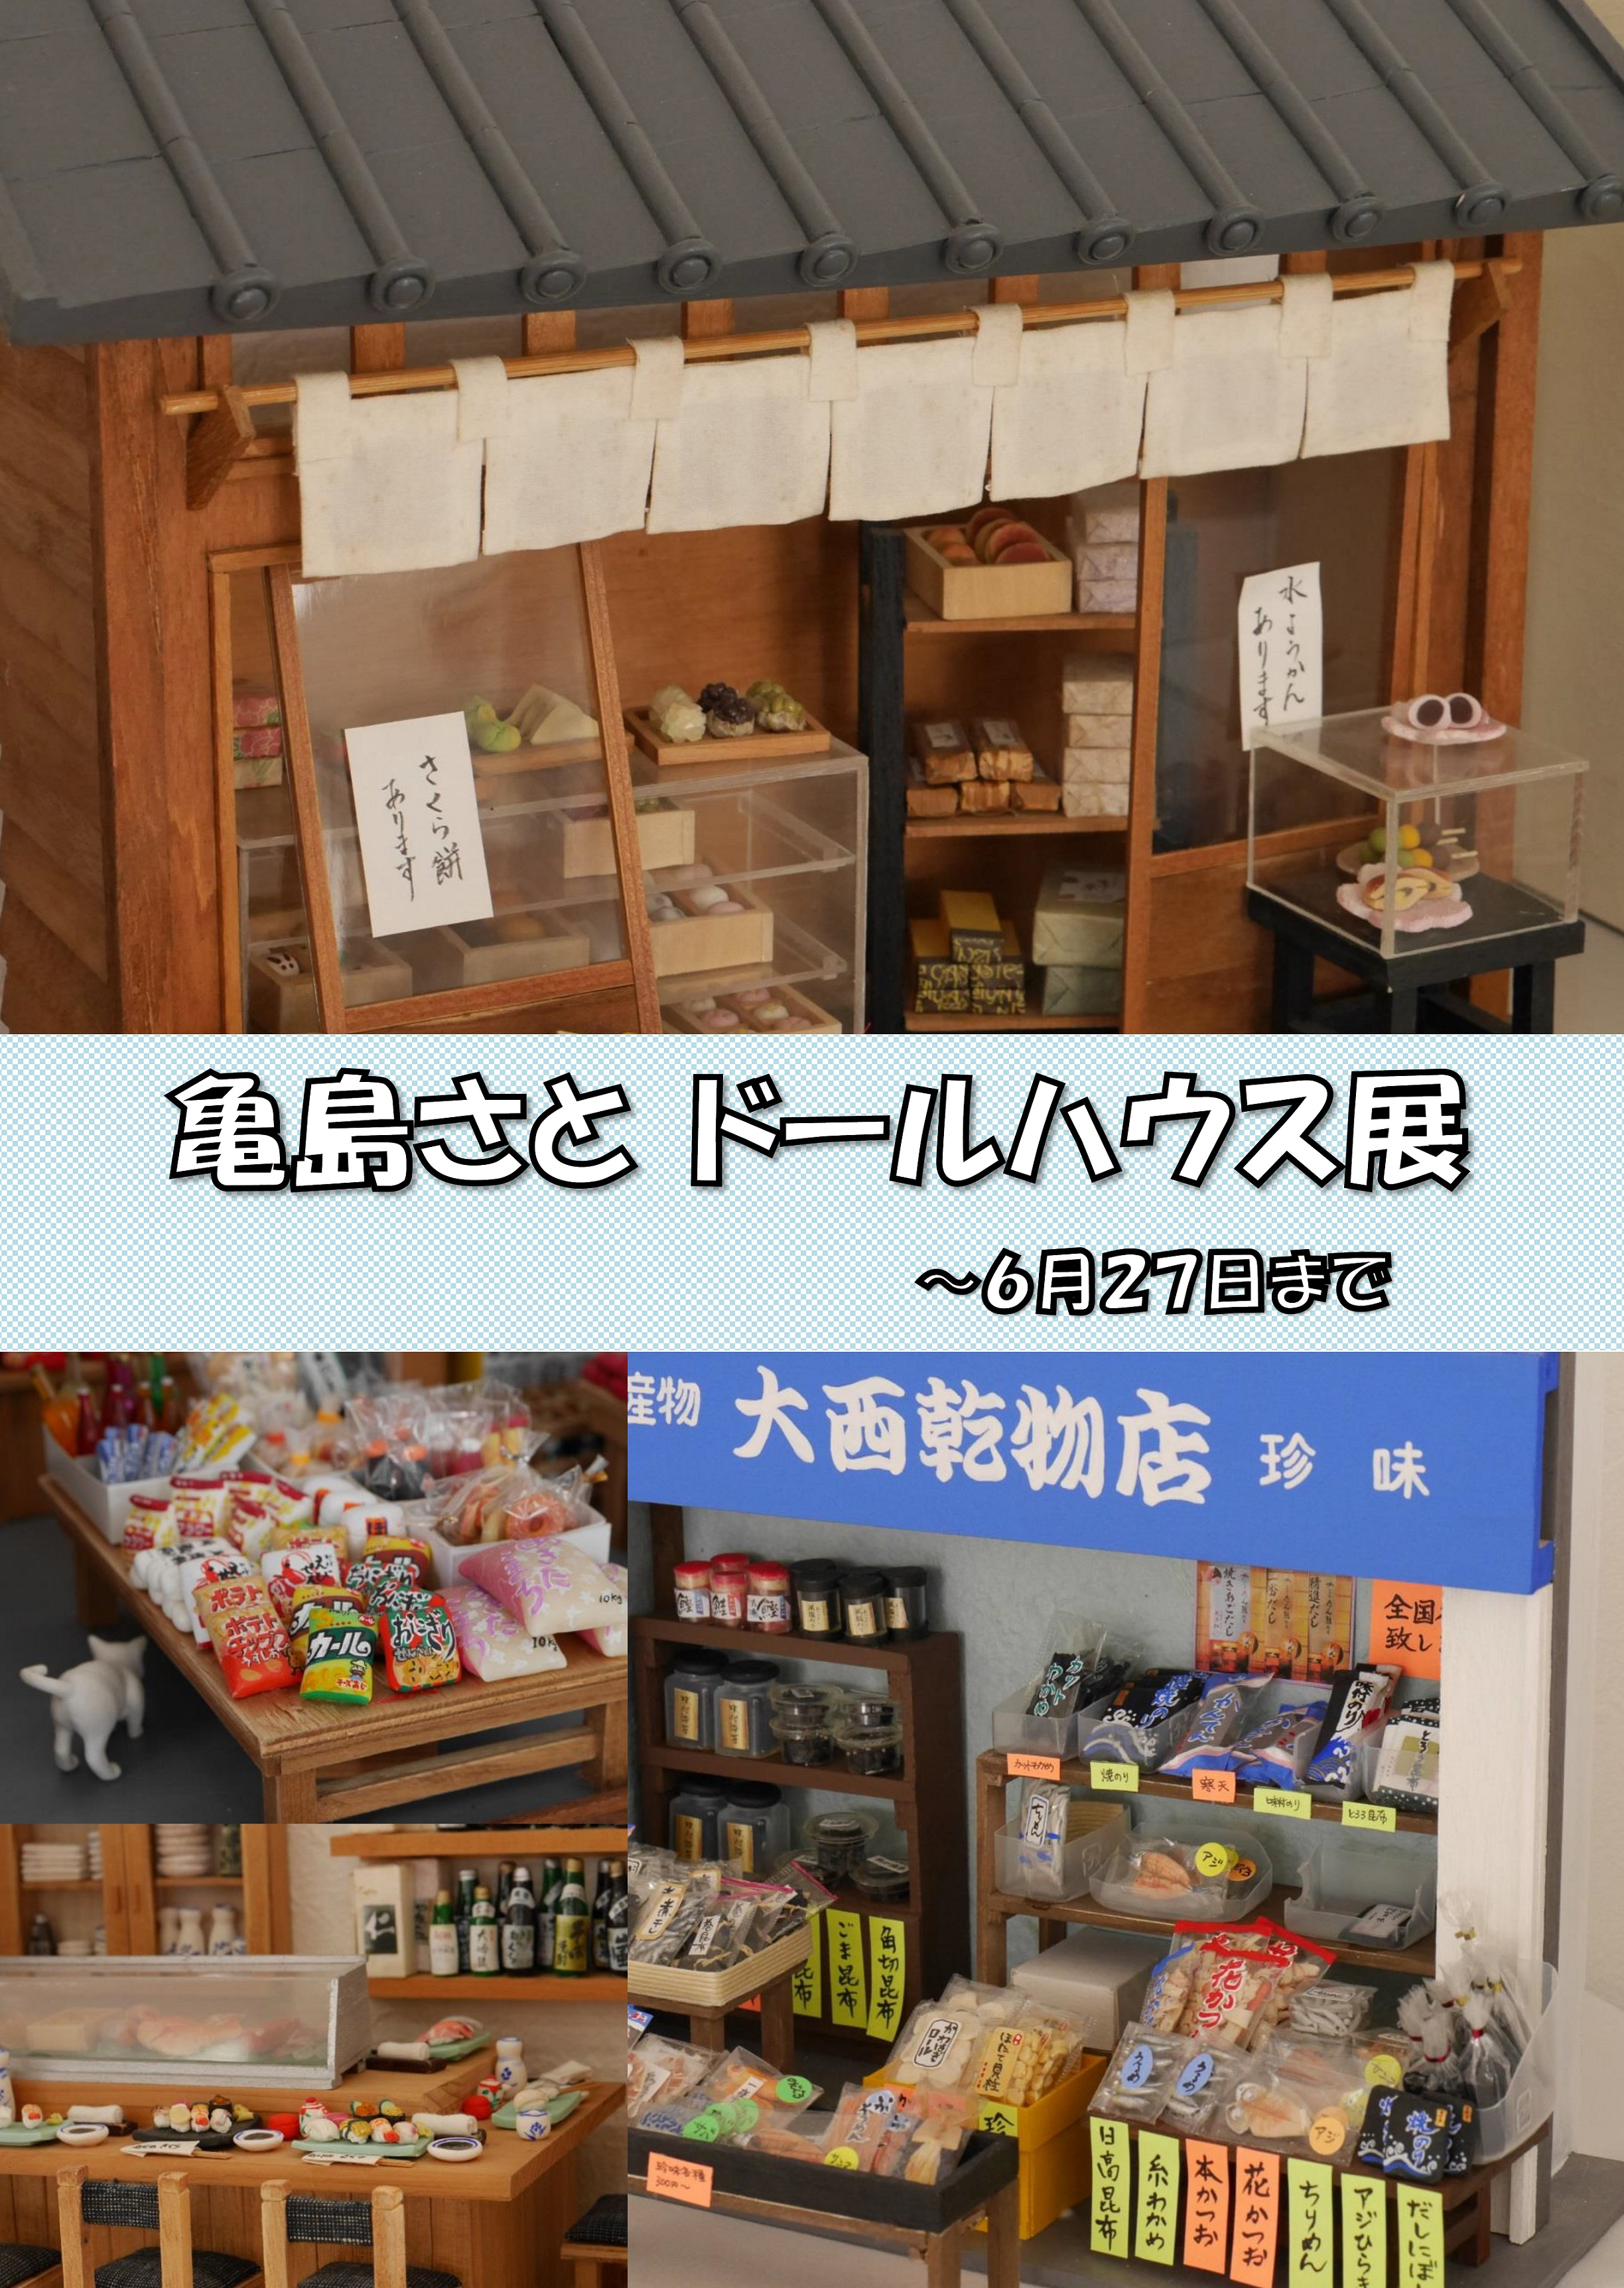 「亀島さと ドールハウス展」開催中!